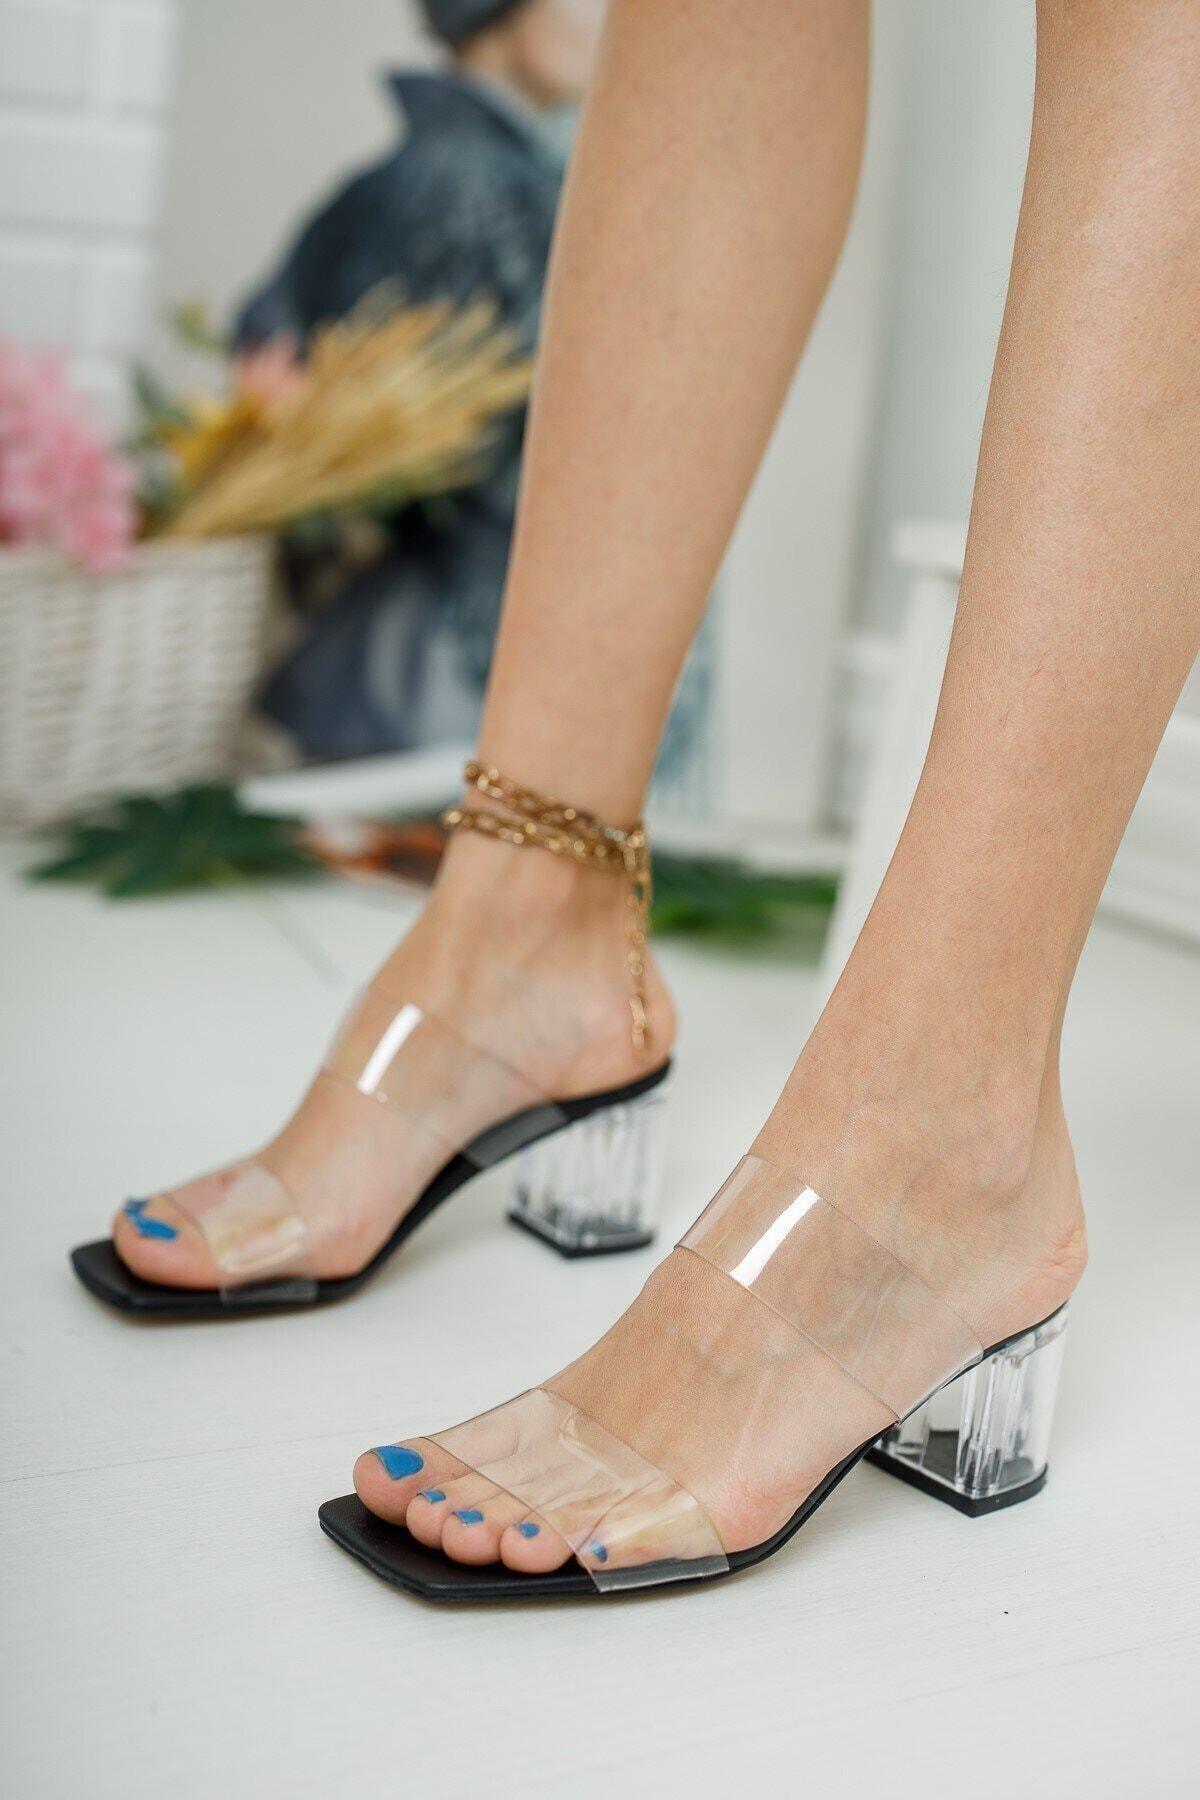 meyra'nın ayakkabıları Kadın Şeffaf Bant Ve Siyah Taban Topuk Detay Topuklu Ayakkabı 1